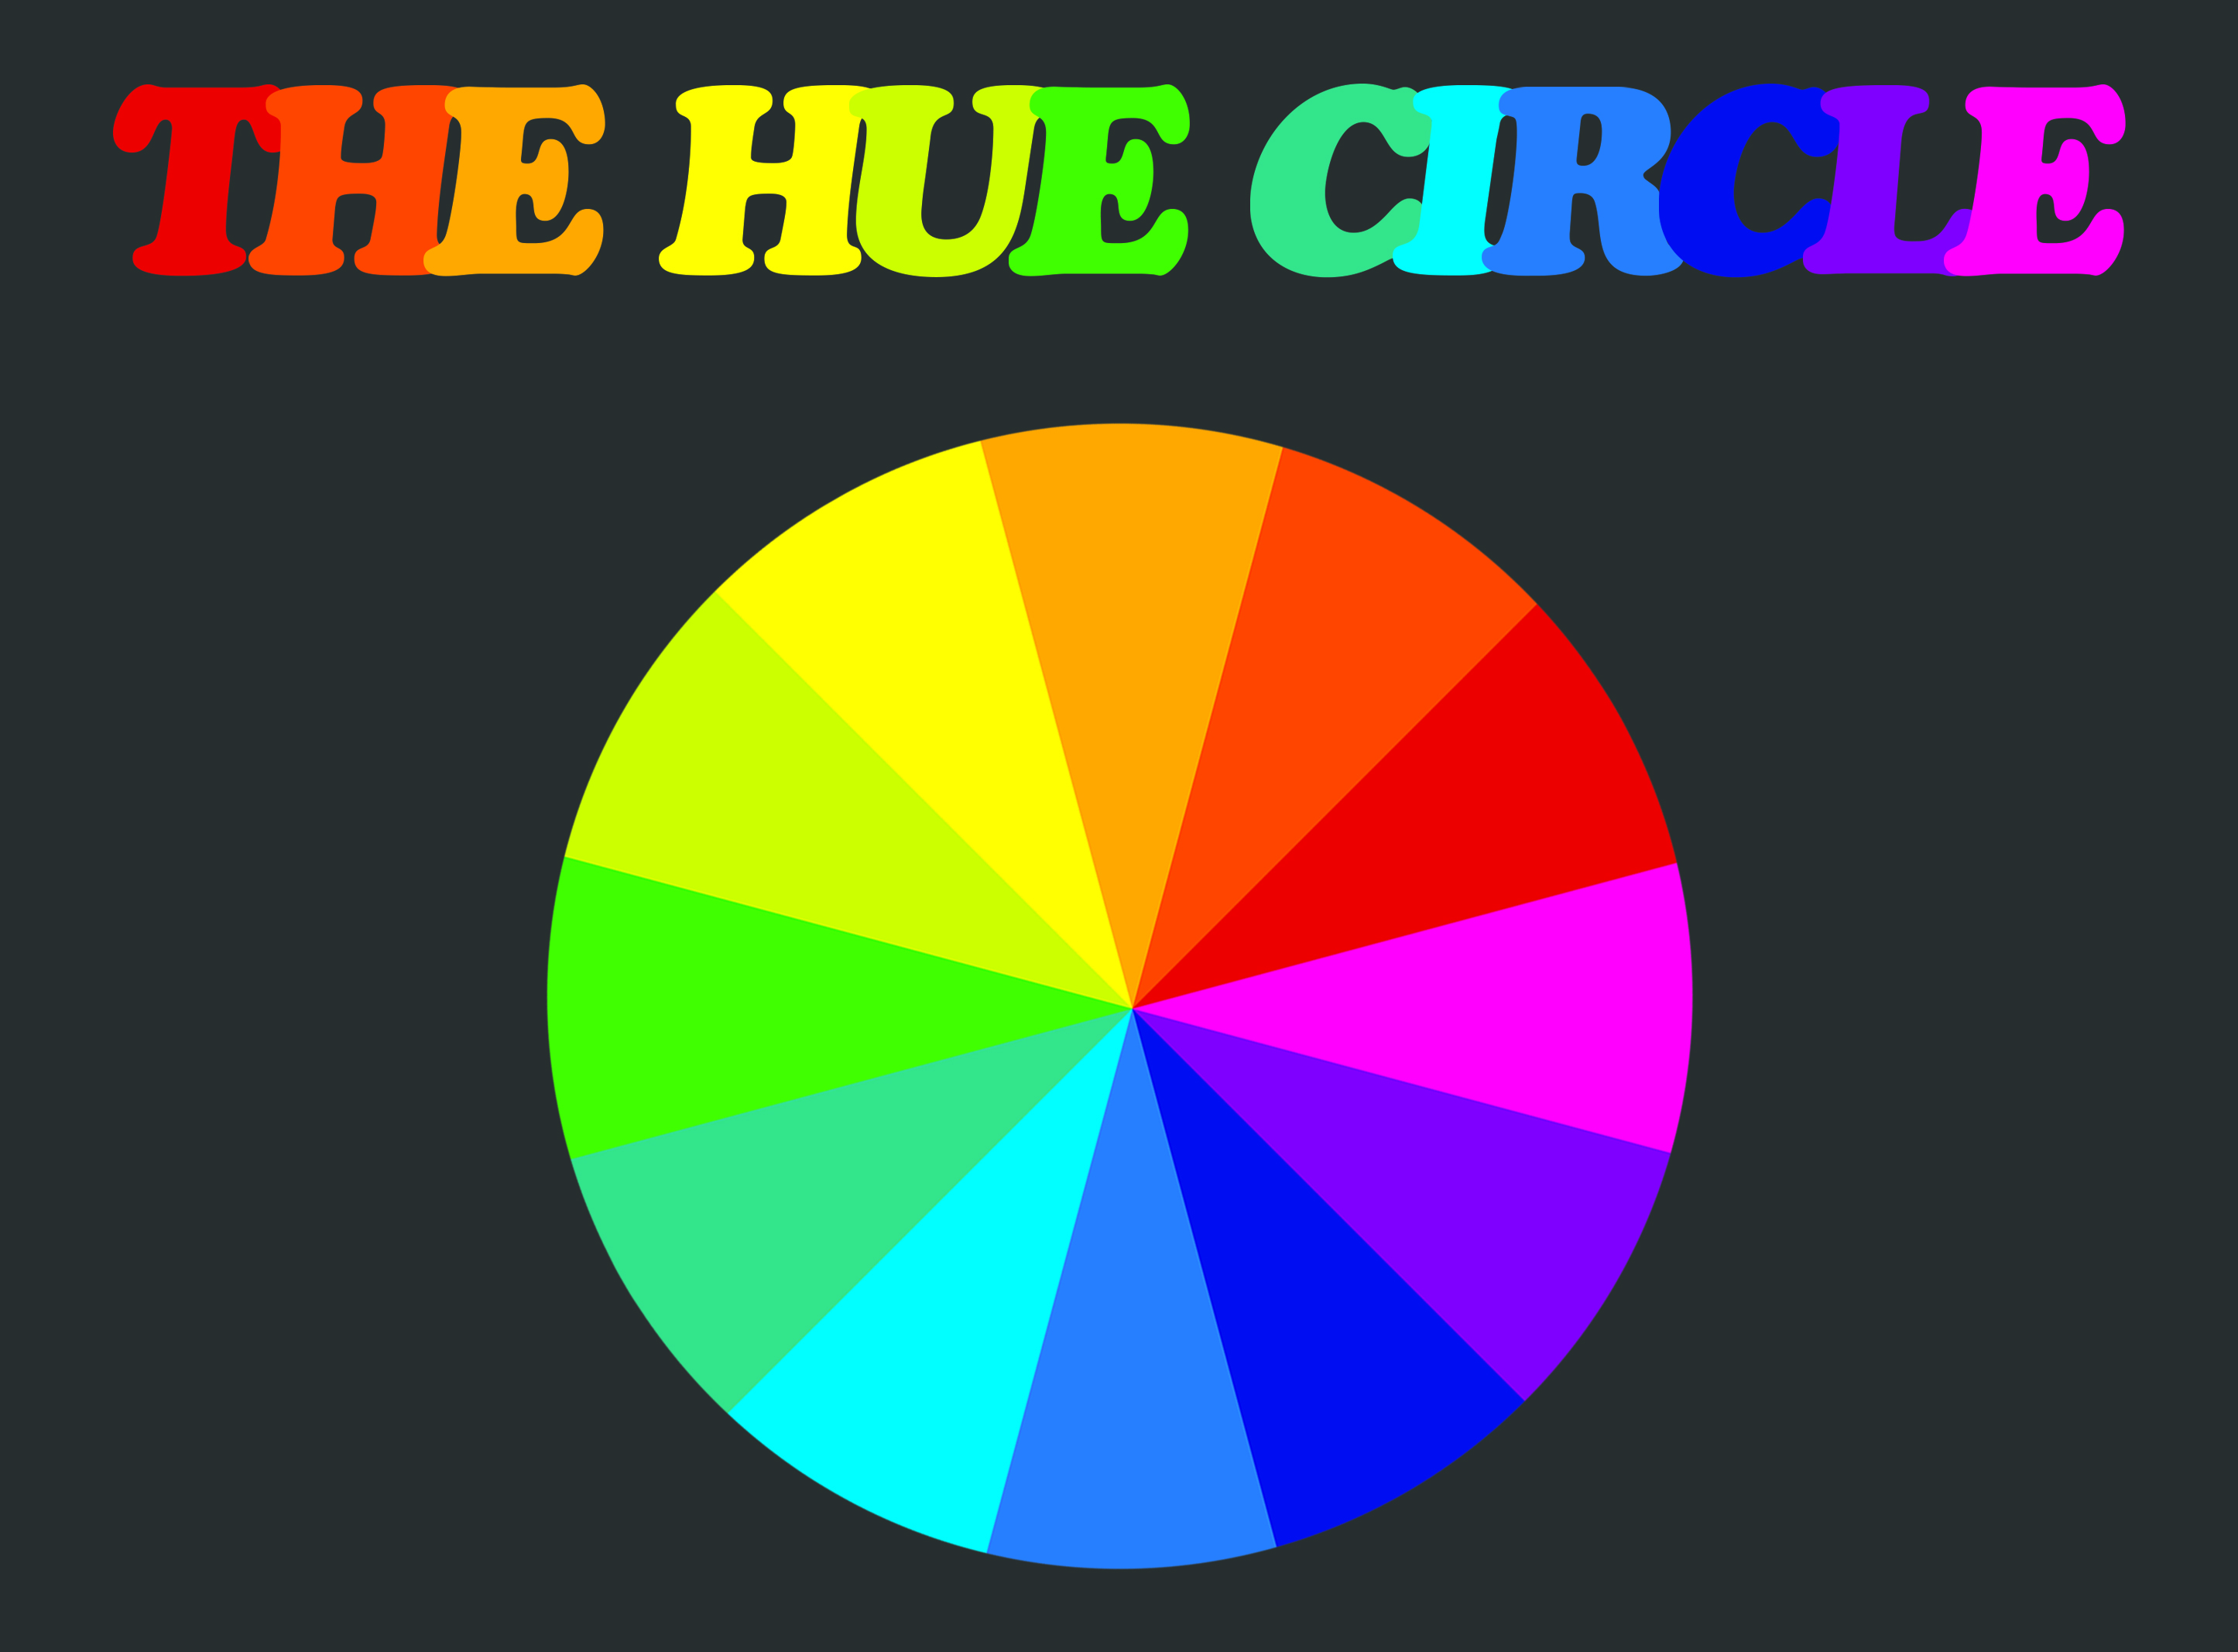 The Hue Circle